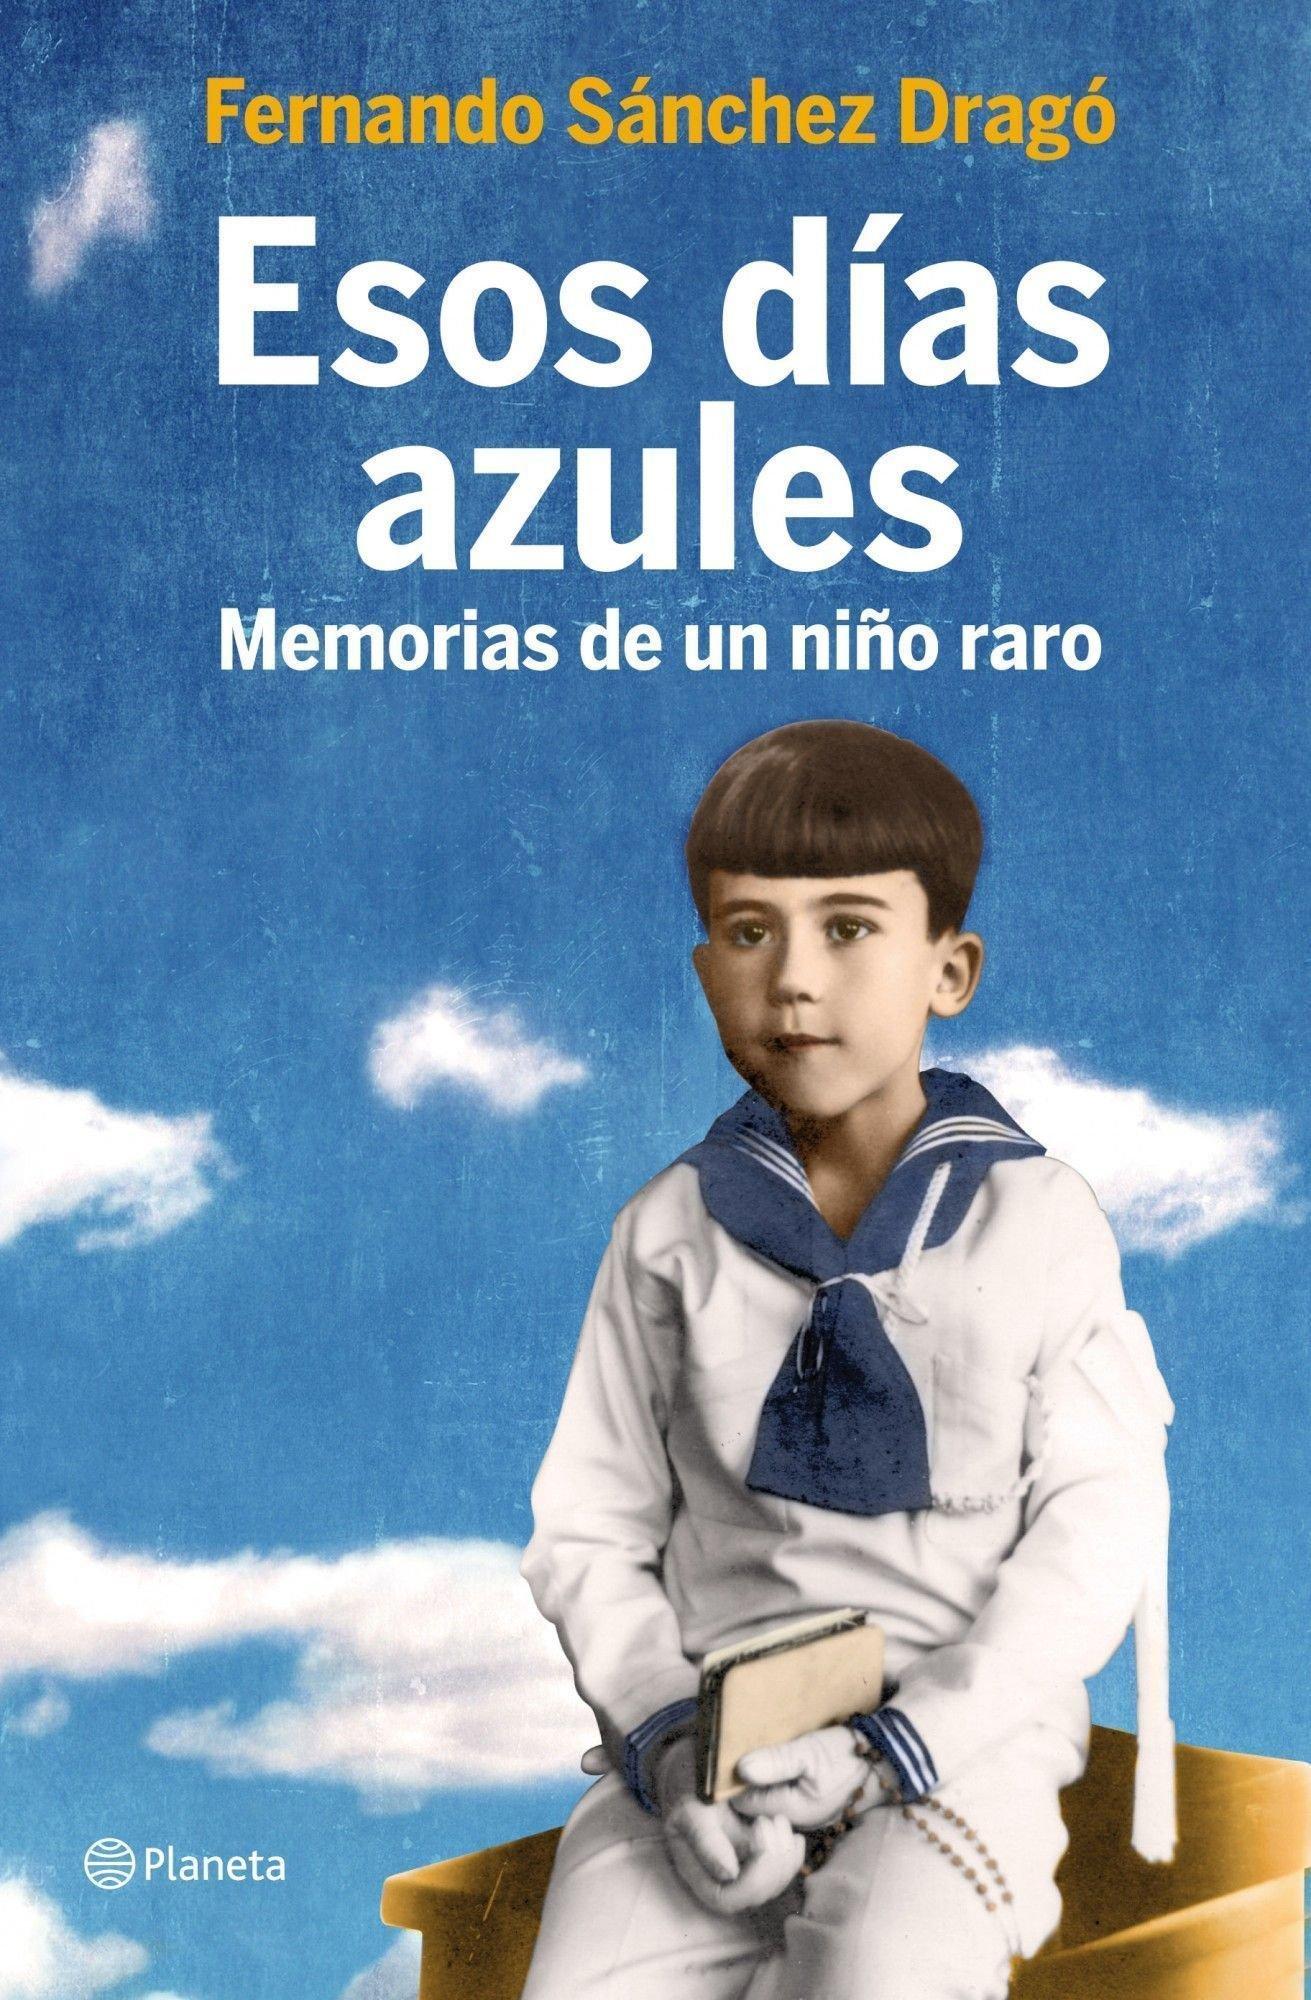 Esos días azules: Memorias de un niño raro: Amazon.es: Sánchez Dragó, Fernando: Libros